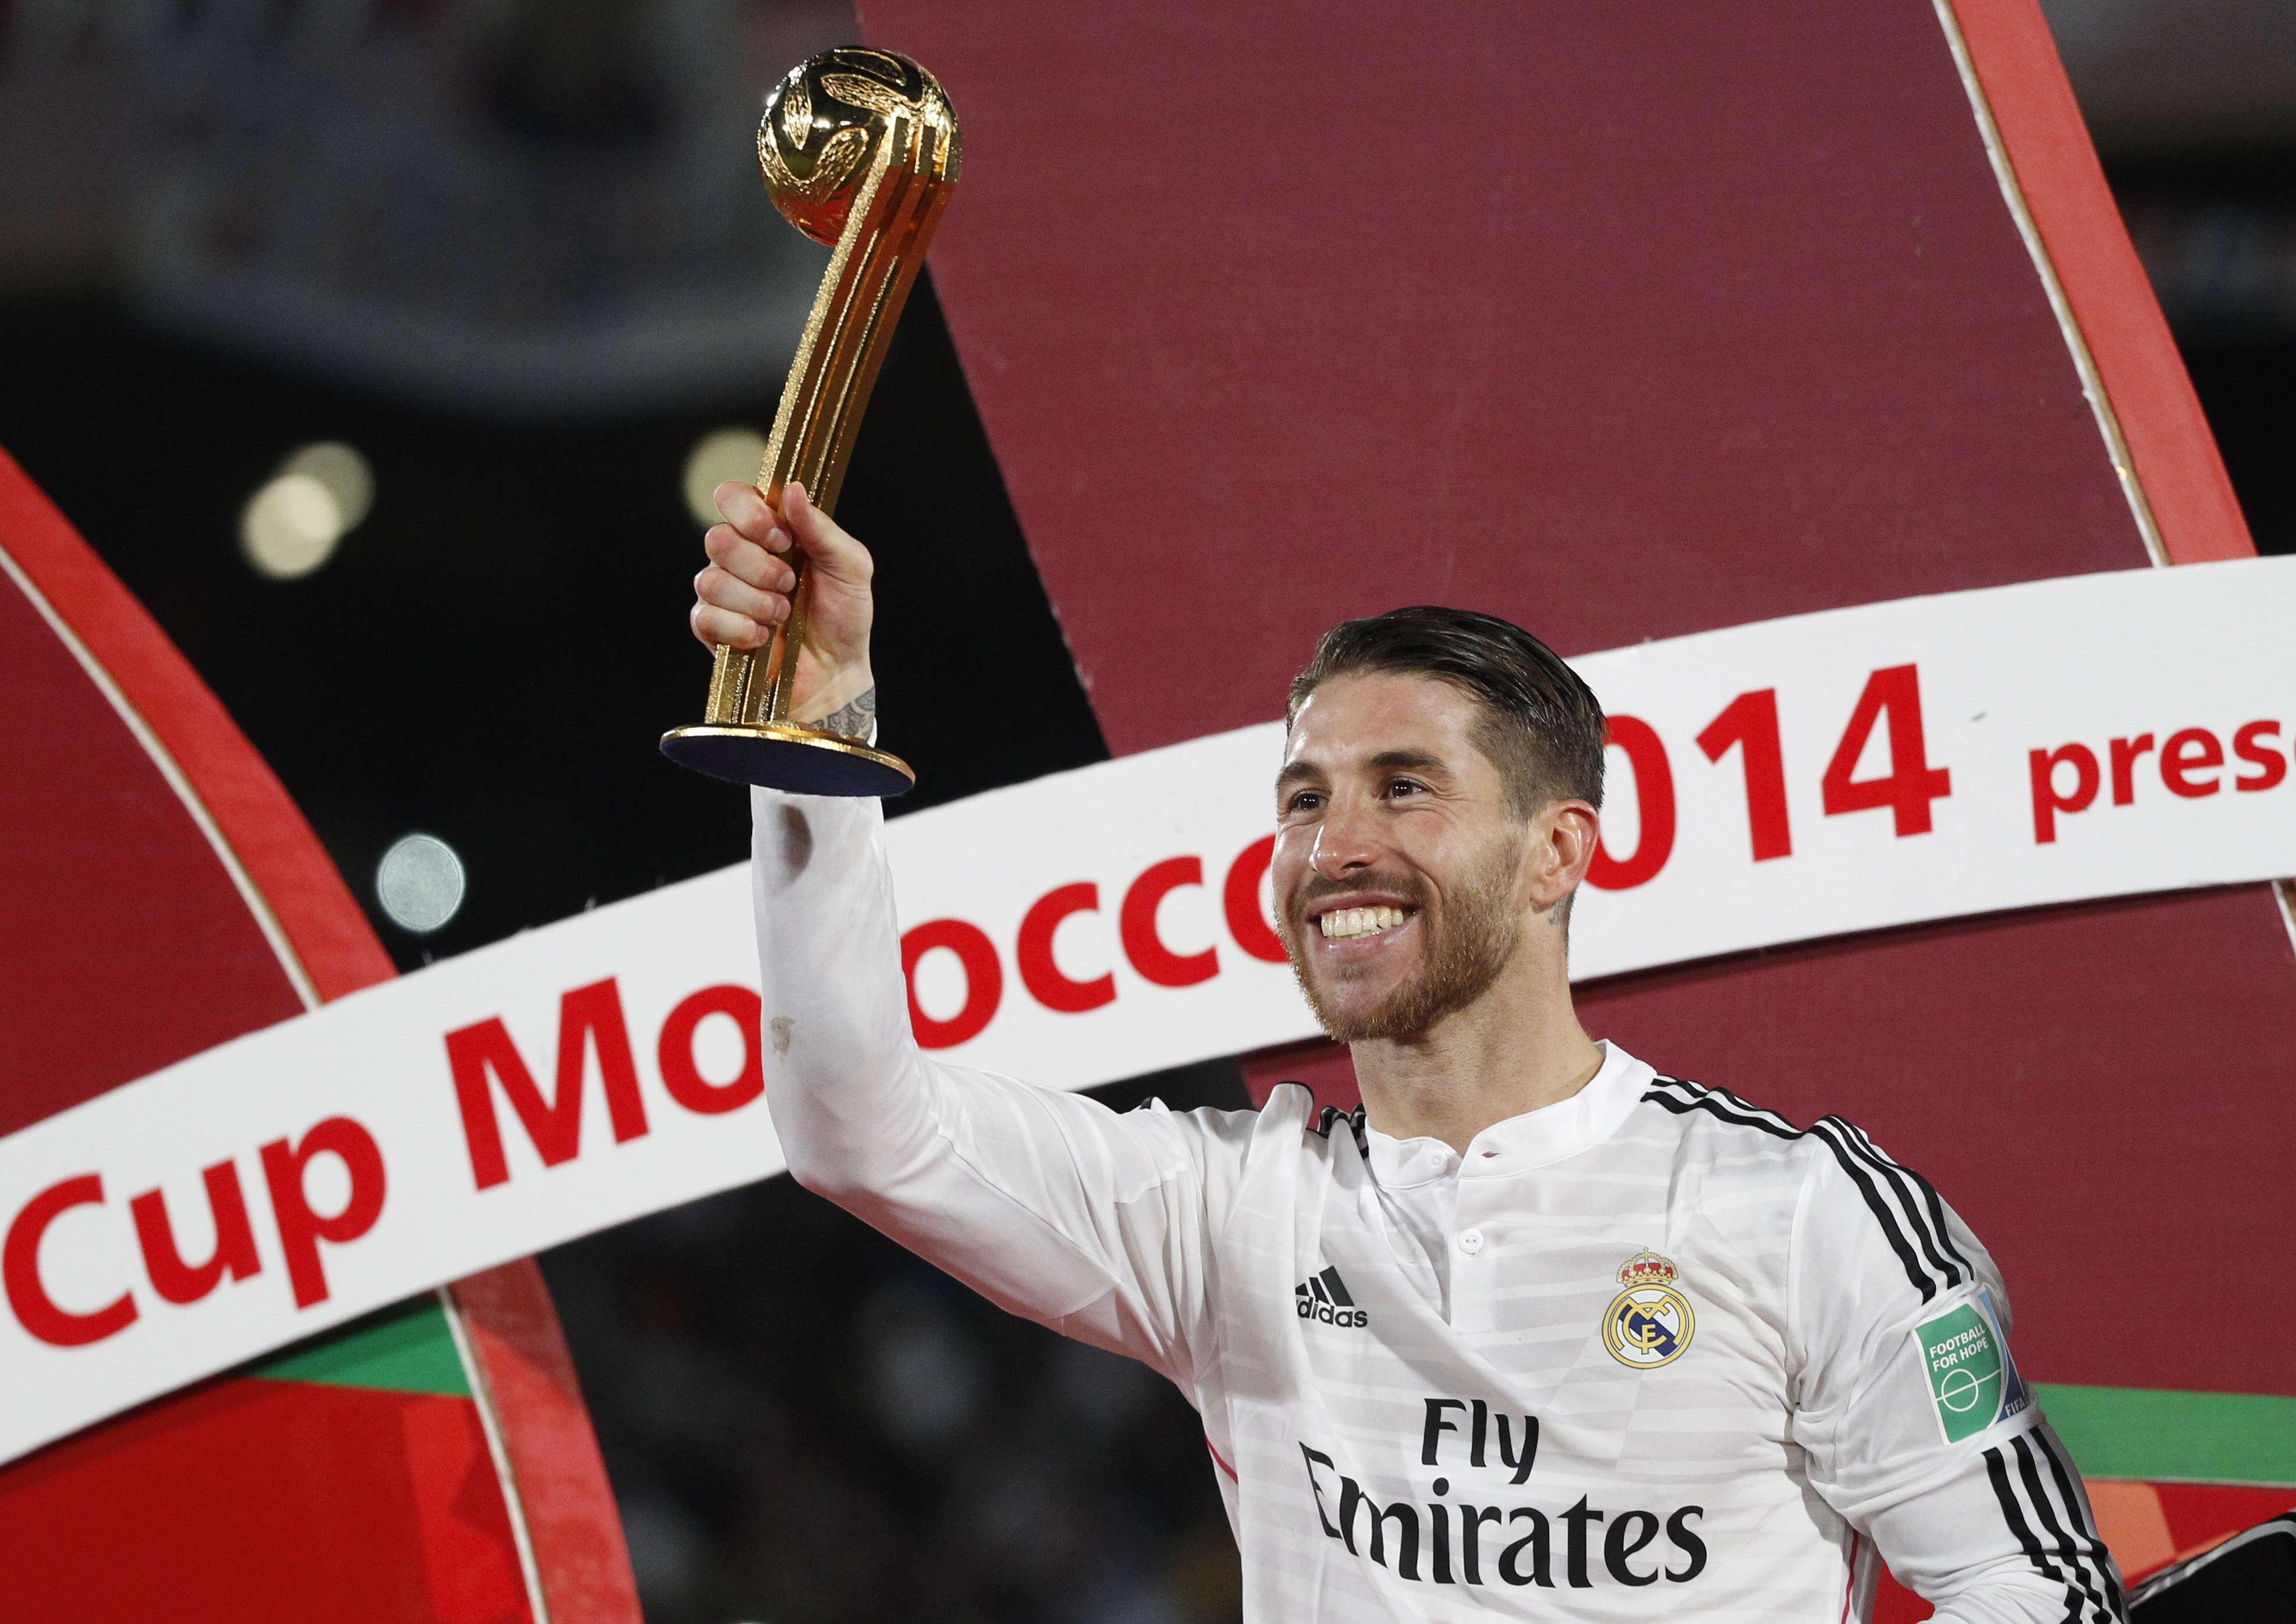 Sérgio Ramos levou a Bola de Ouro do Mundial de Clubes Foto: Christoph Ena/AP